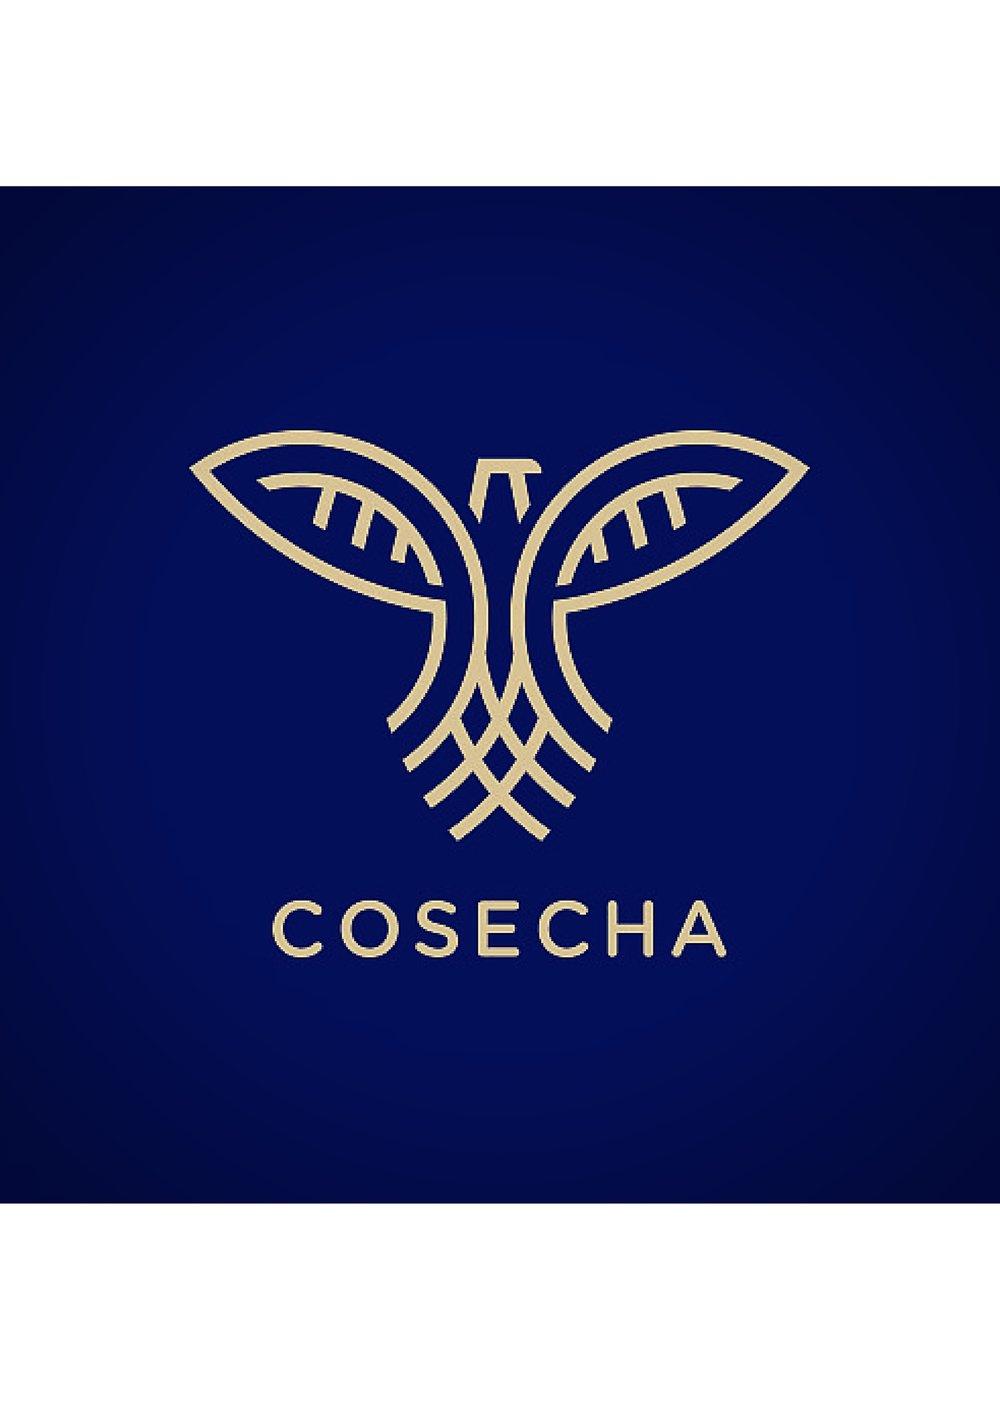 logo-goldandblue